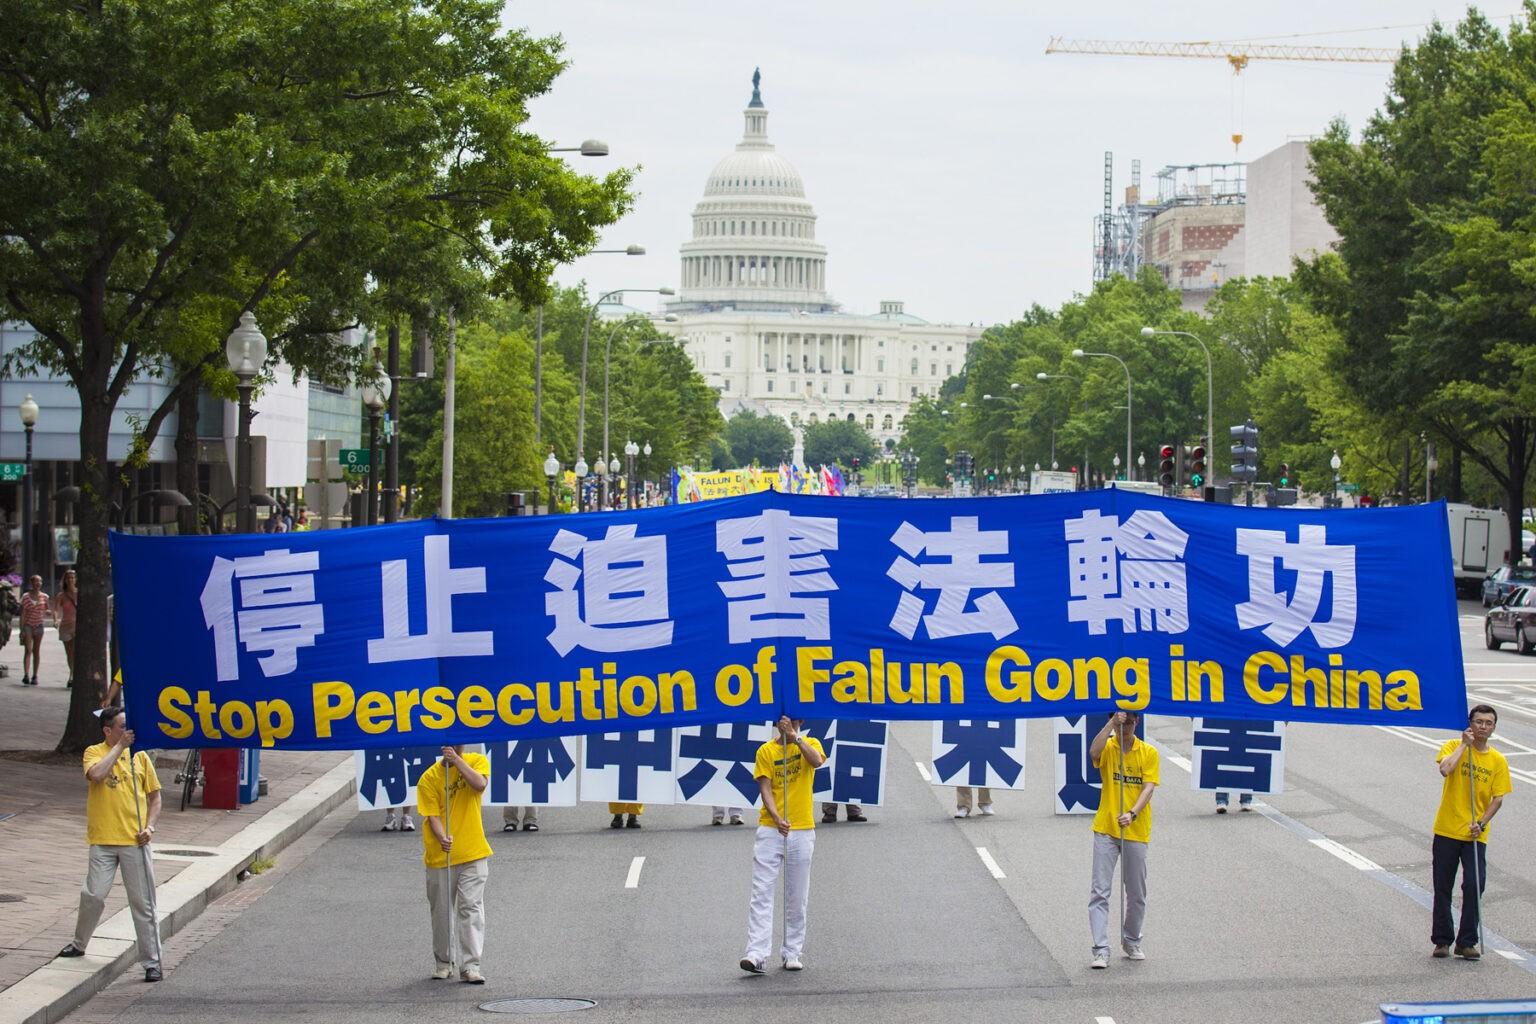 ۶۰۶ قانونگذار از ۳۰ کشور خواستار پایان فوری آزار و شکنجه ۲۱ ساله فالون گونگ شدند و از حزب کمونیست چین خواهان توقف فوری این آزار و شکنجه شدند.